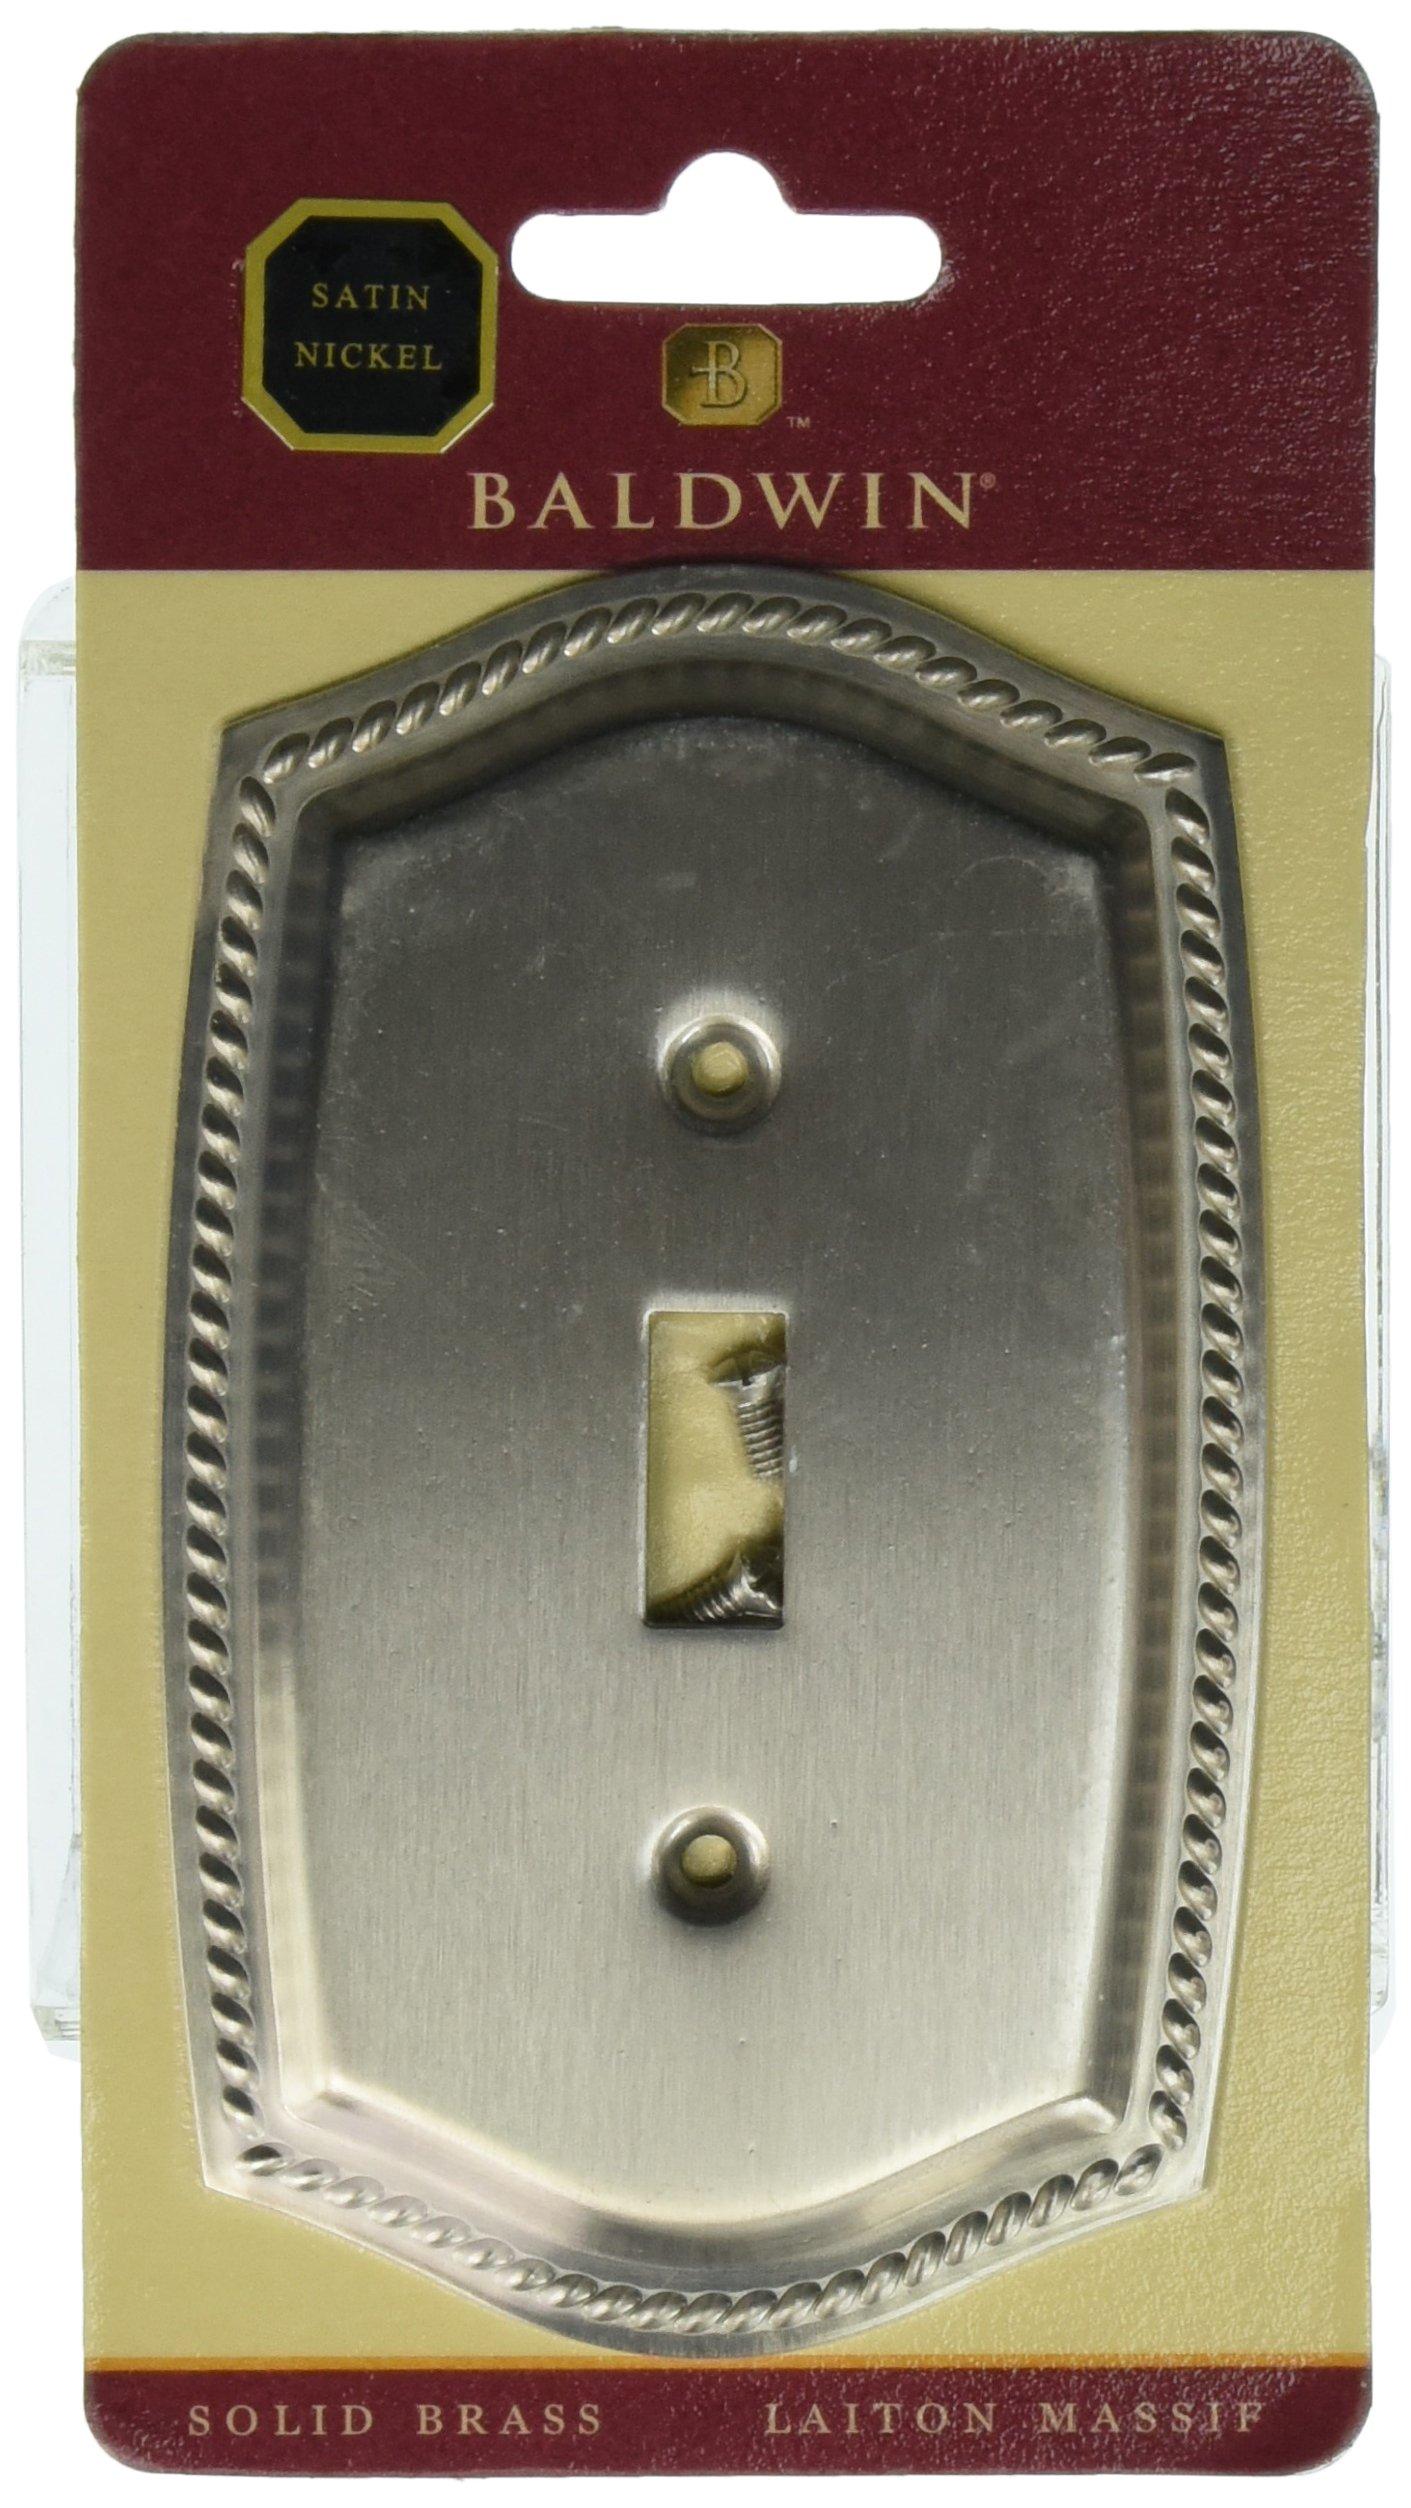 Baldwin 4788150 Single Toggle Rope Switch Plate, Satin Nickel